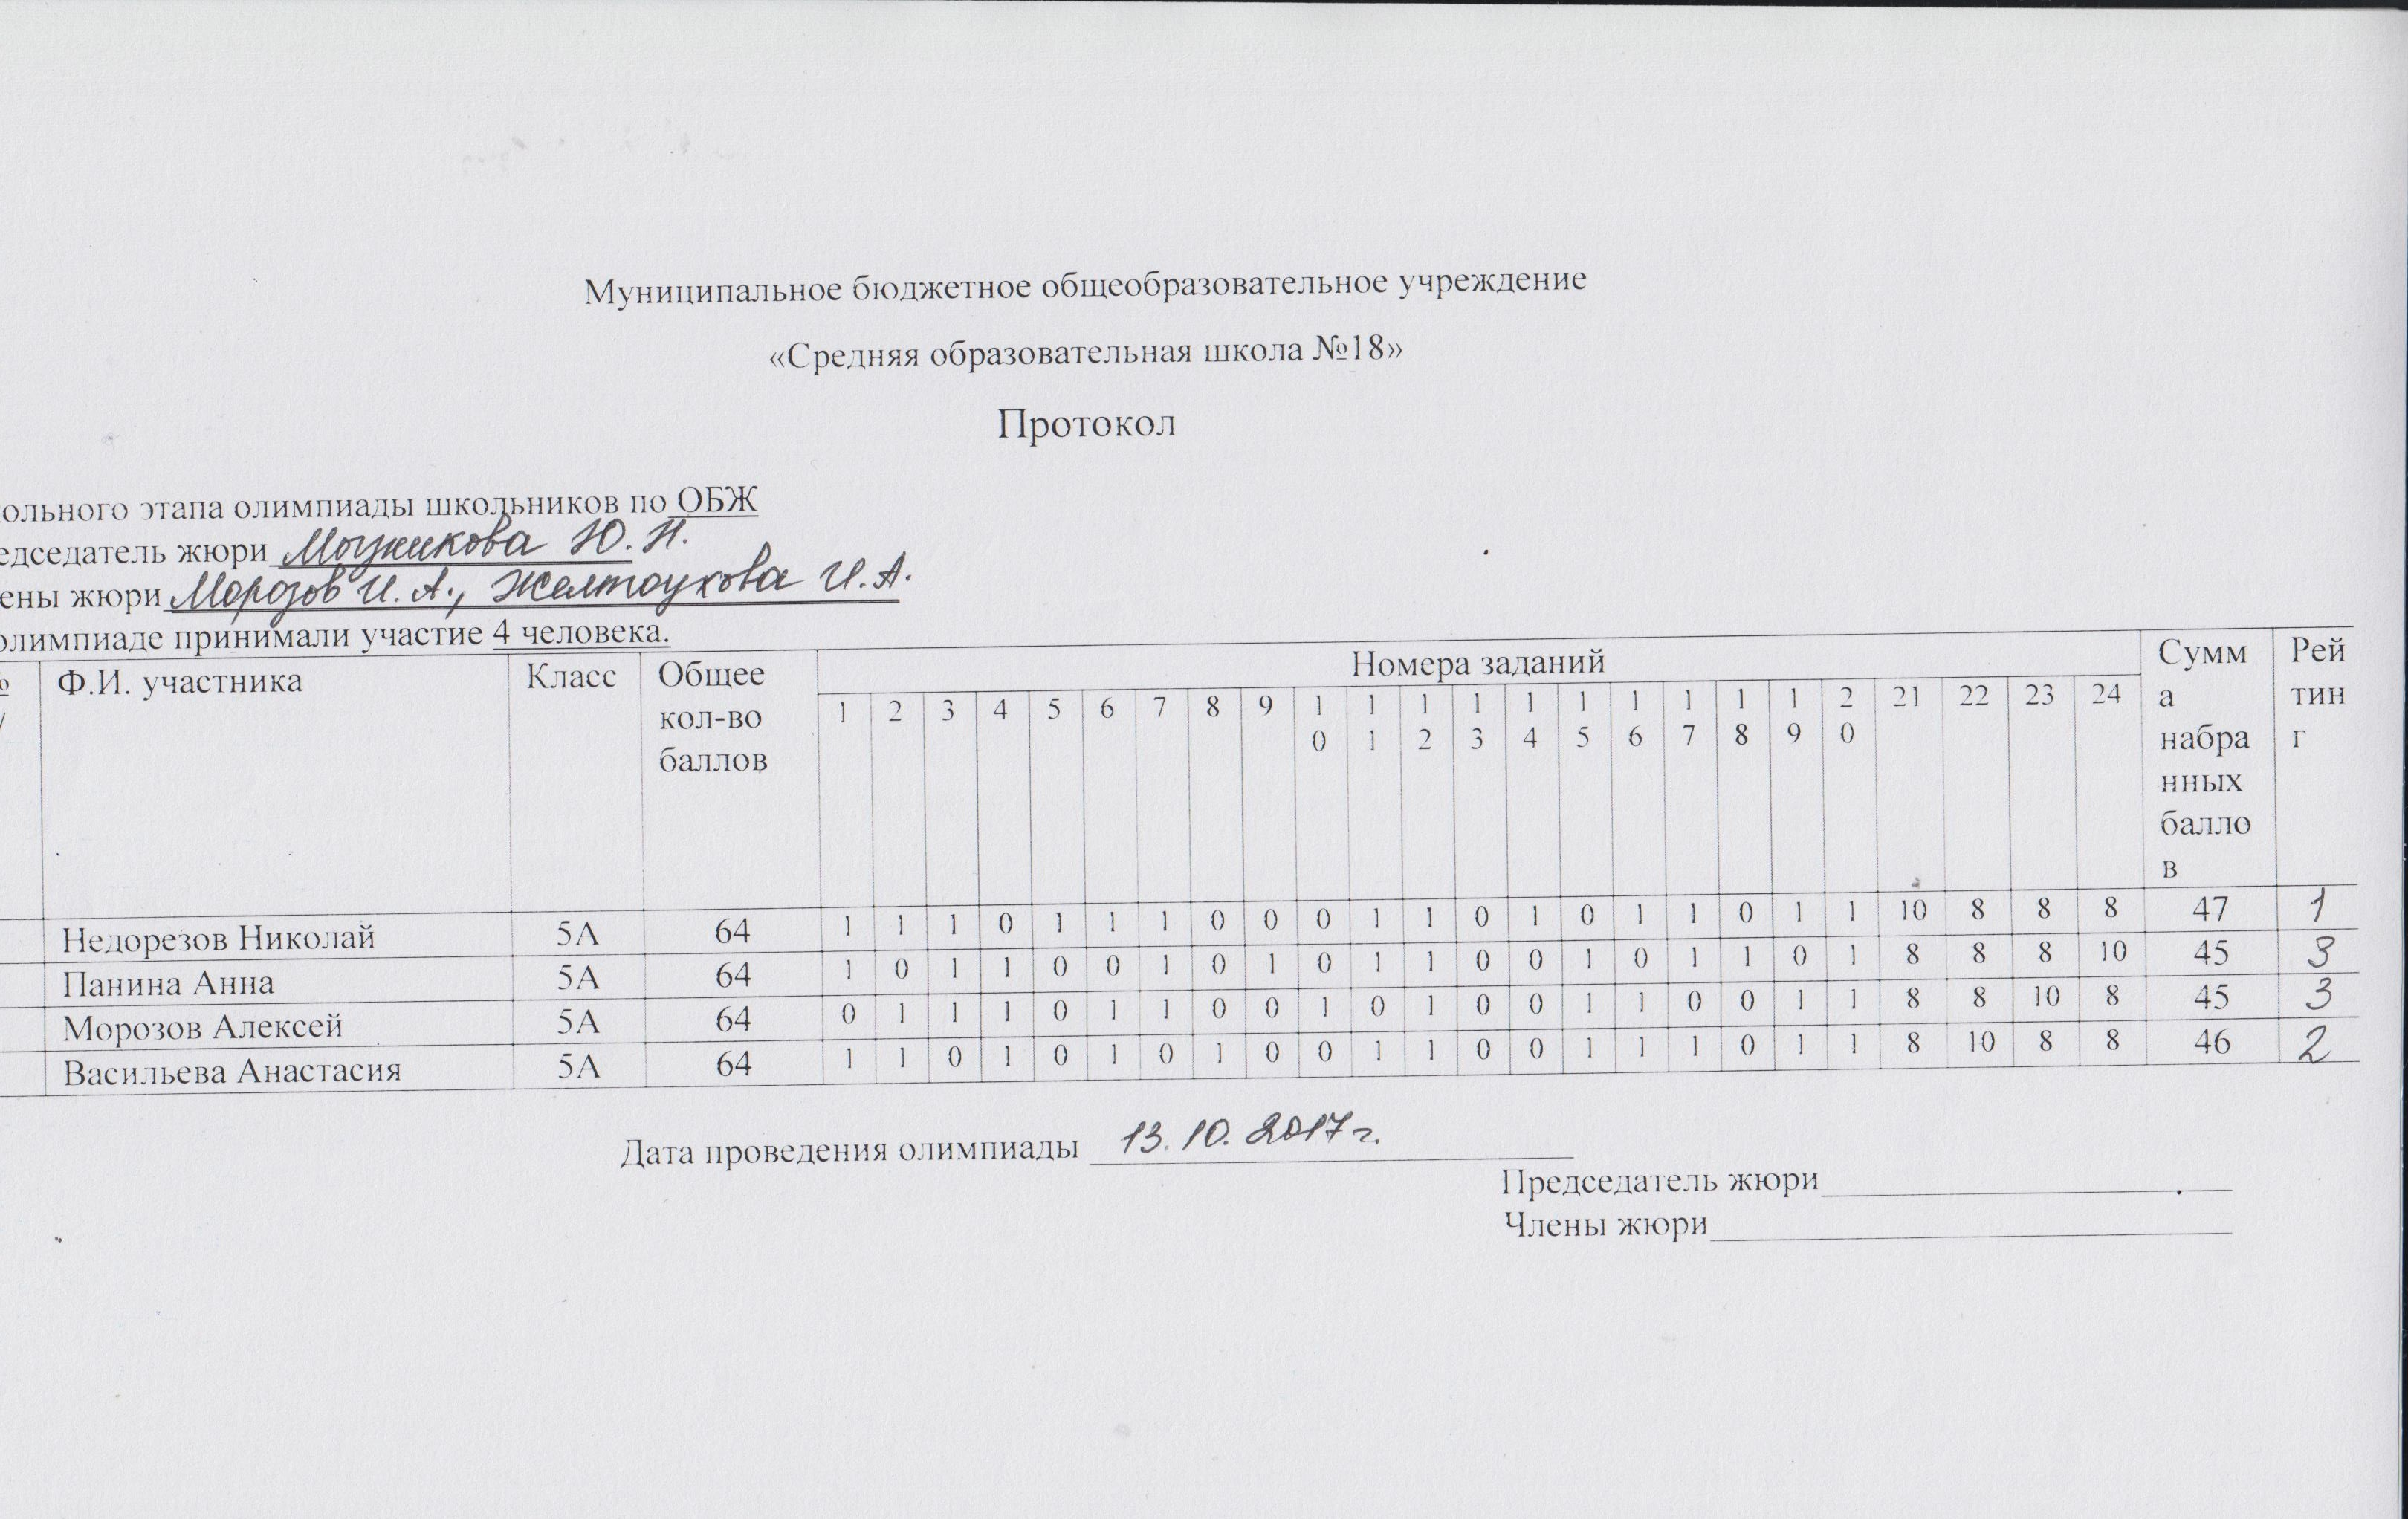 Экзамен но обж 2018 9 класс